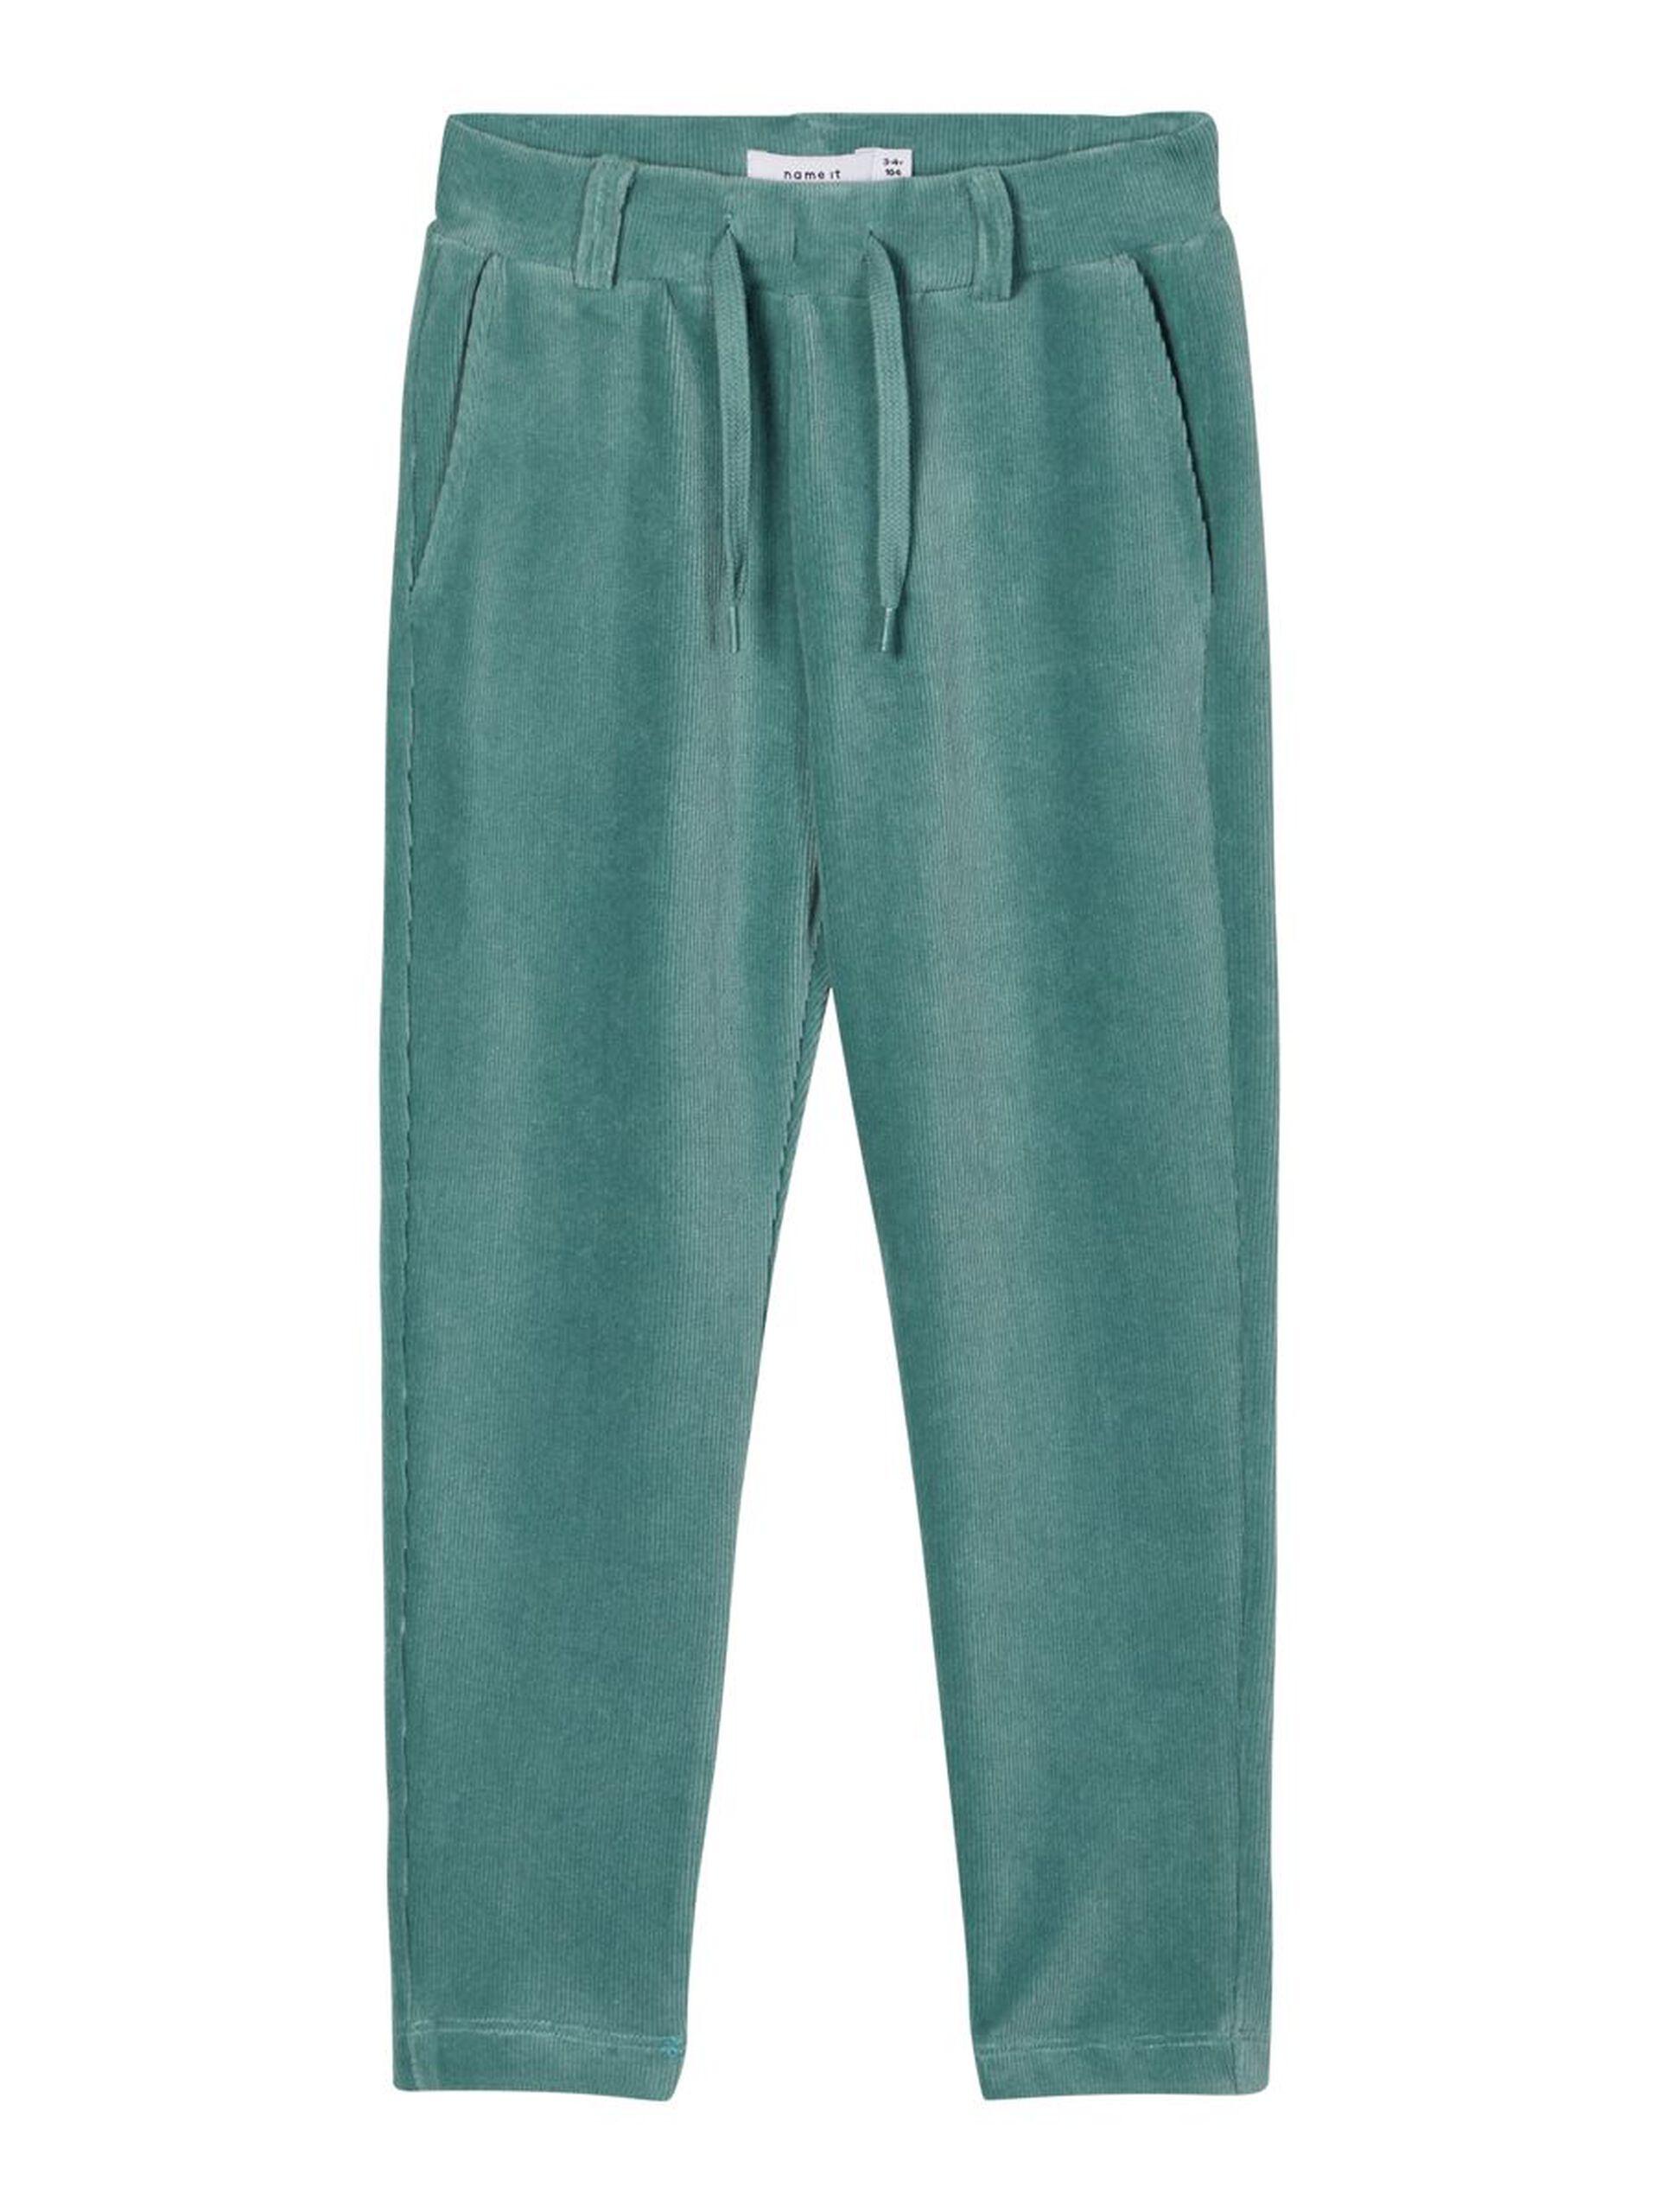 Grønn bukse velur